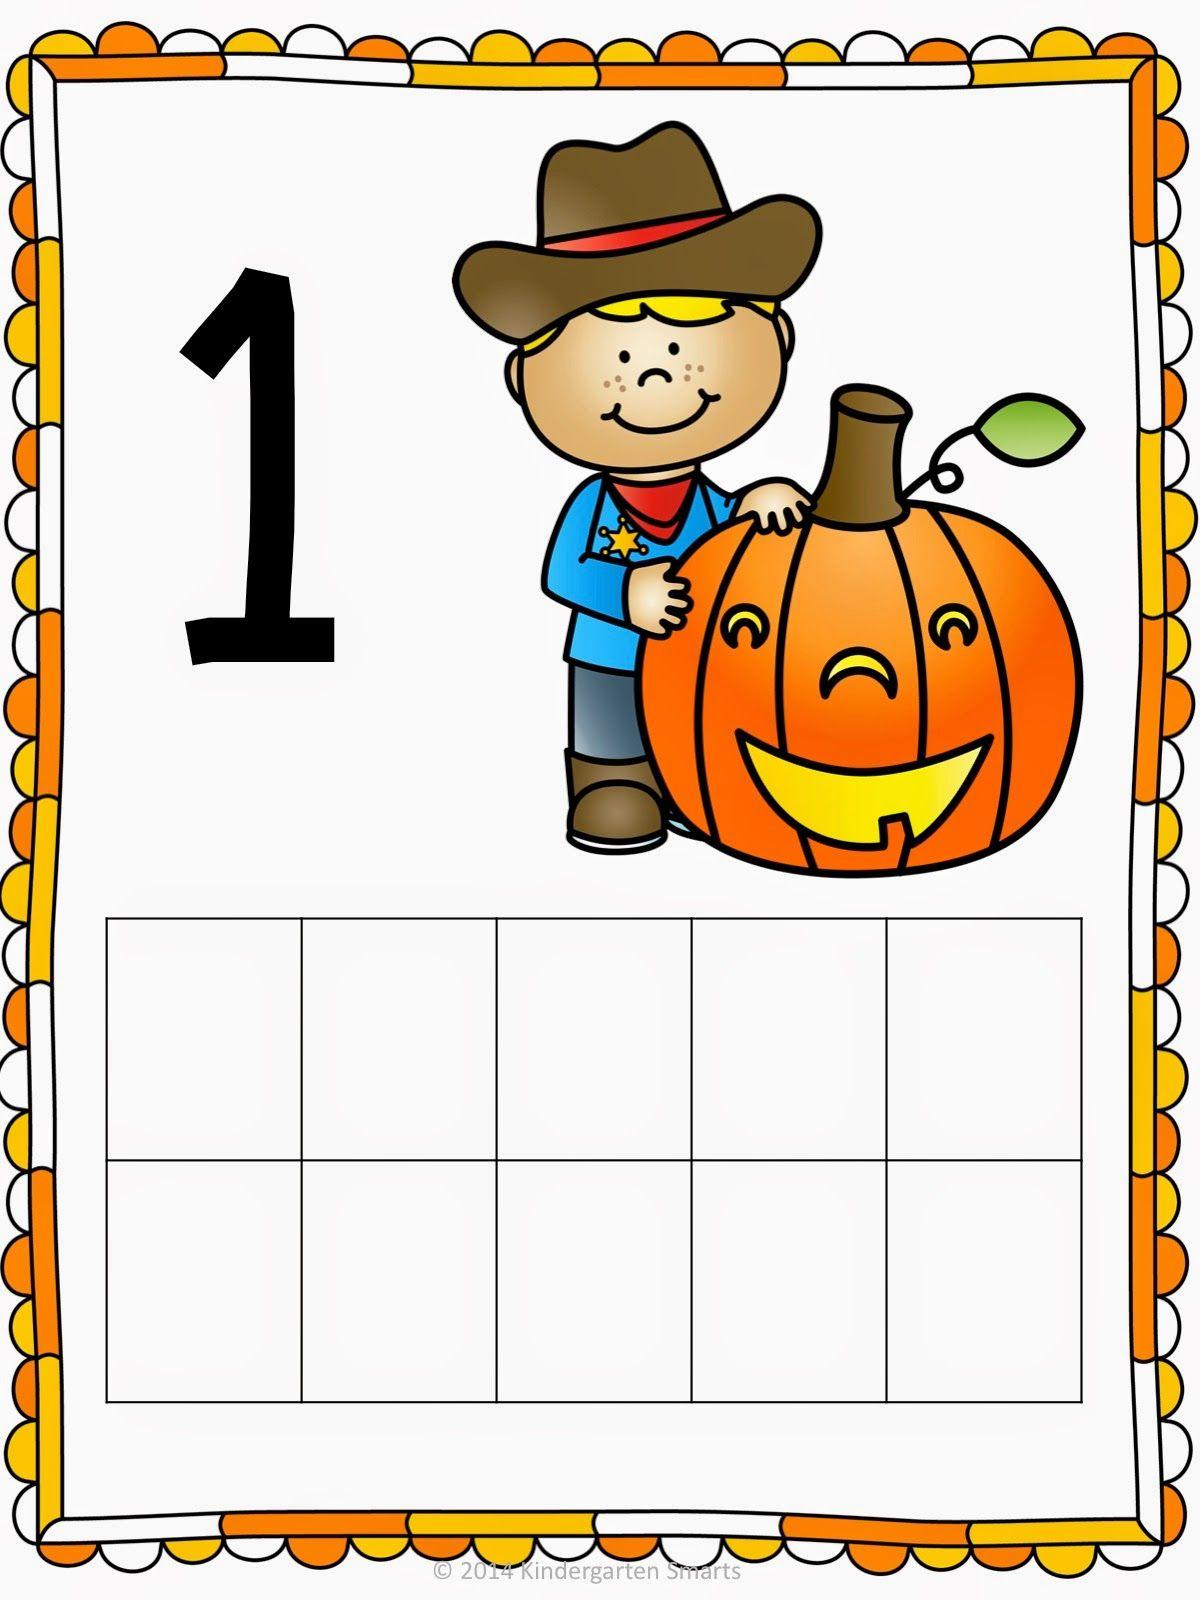 Halloween 10 Frame Math Center Freebie